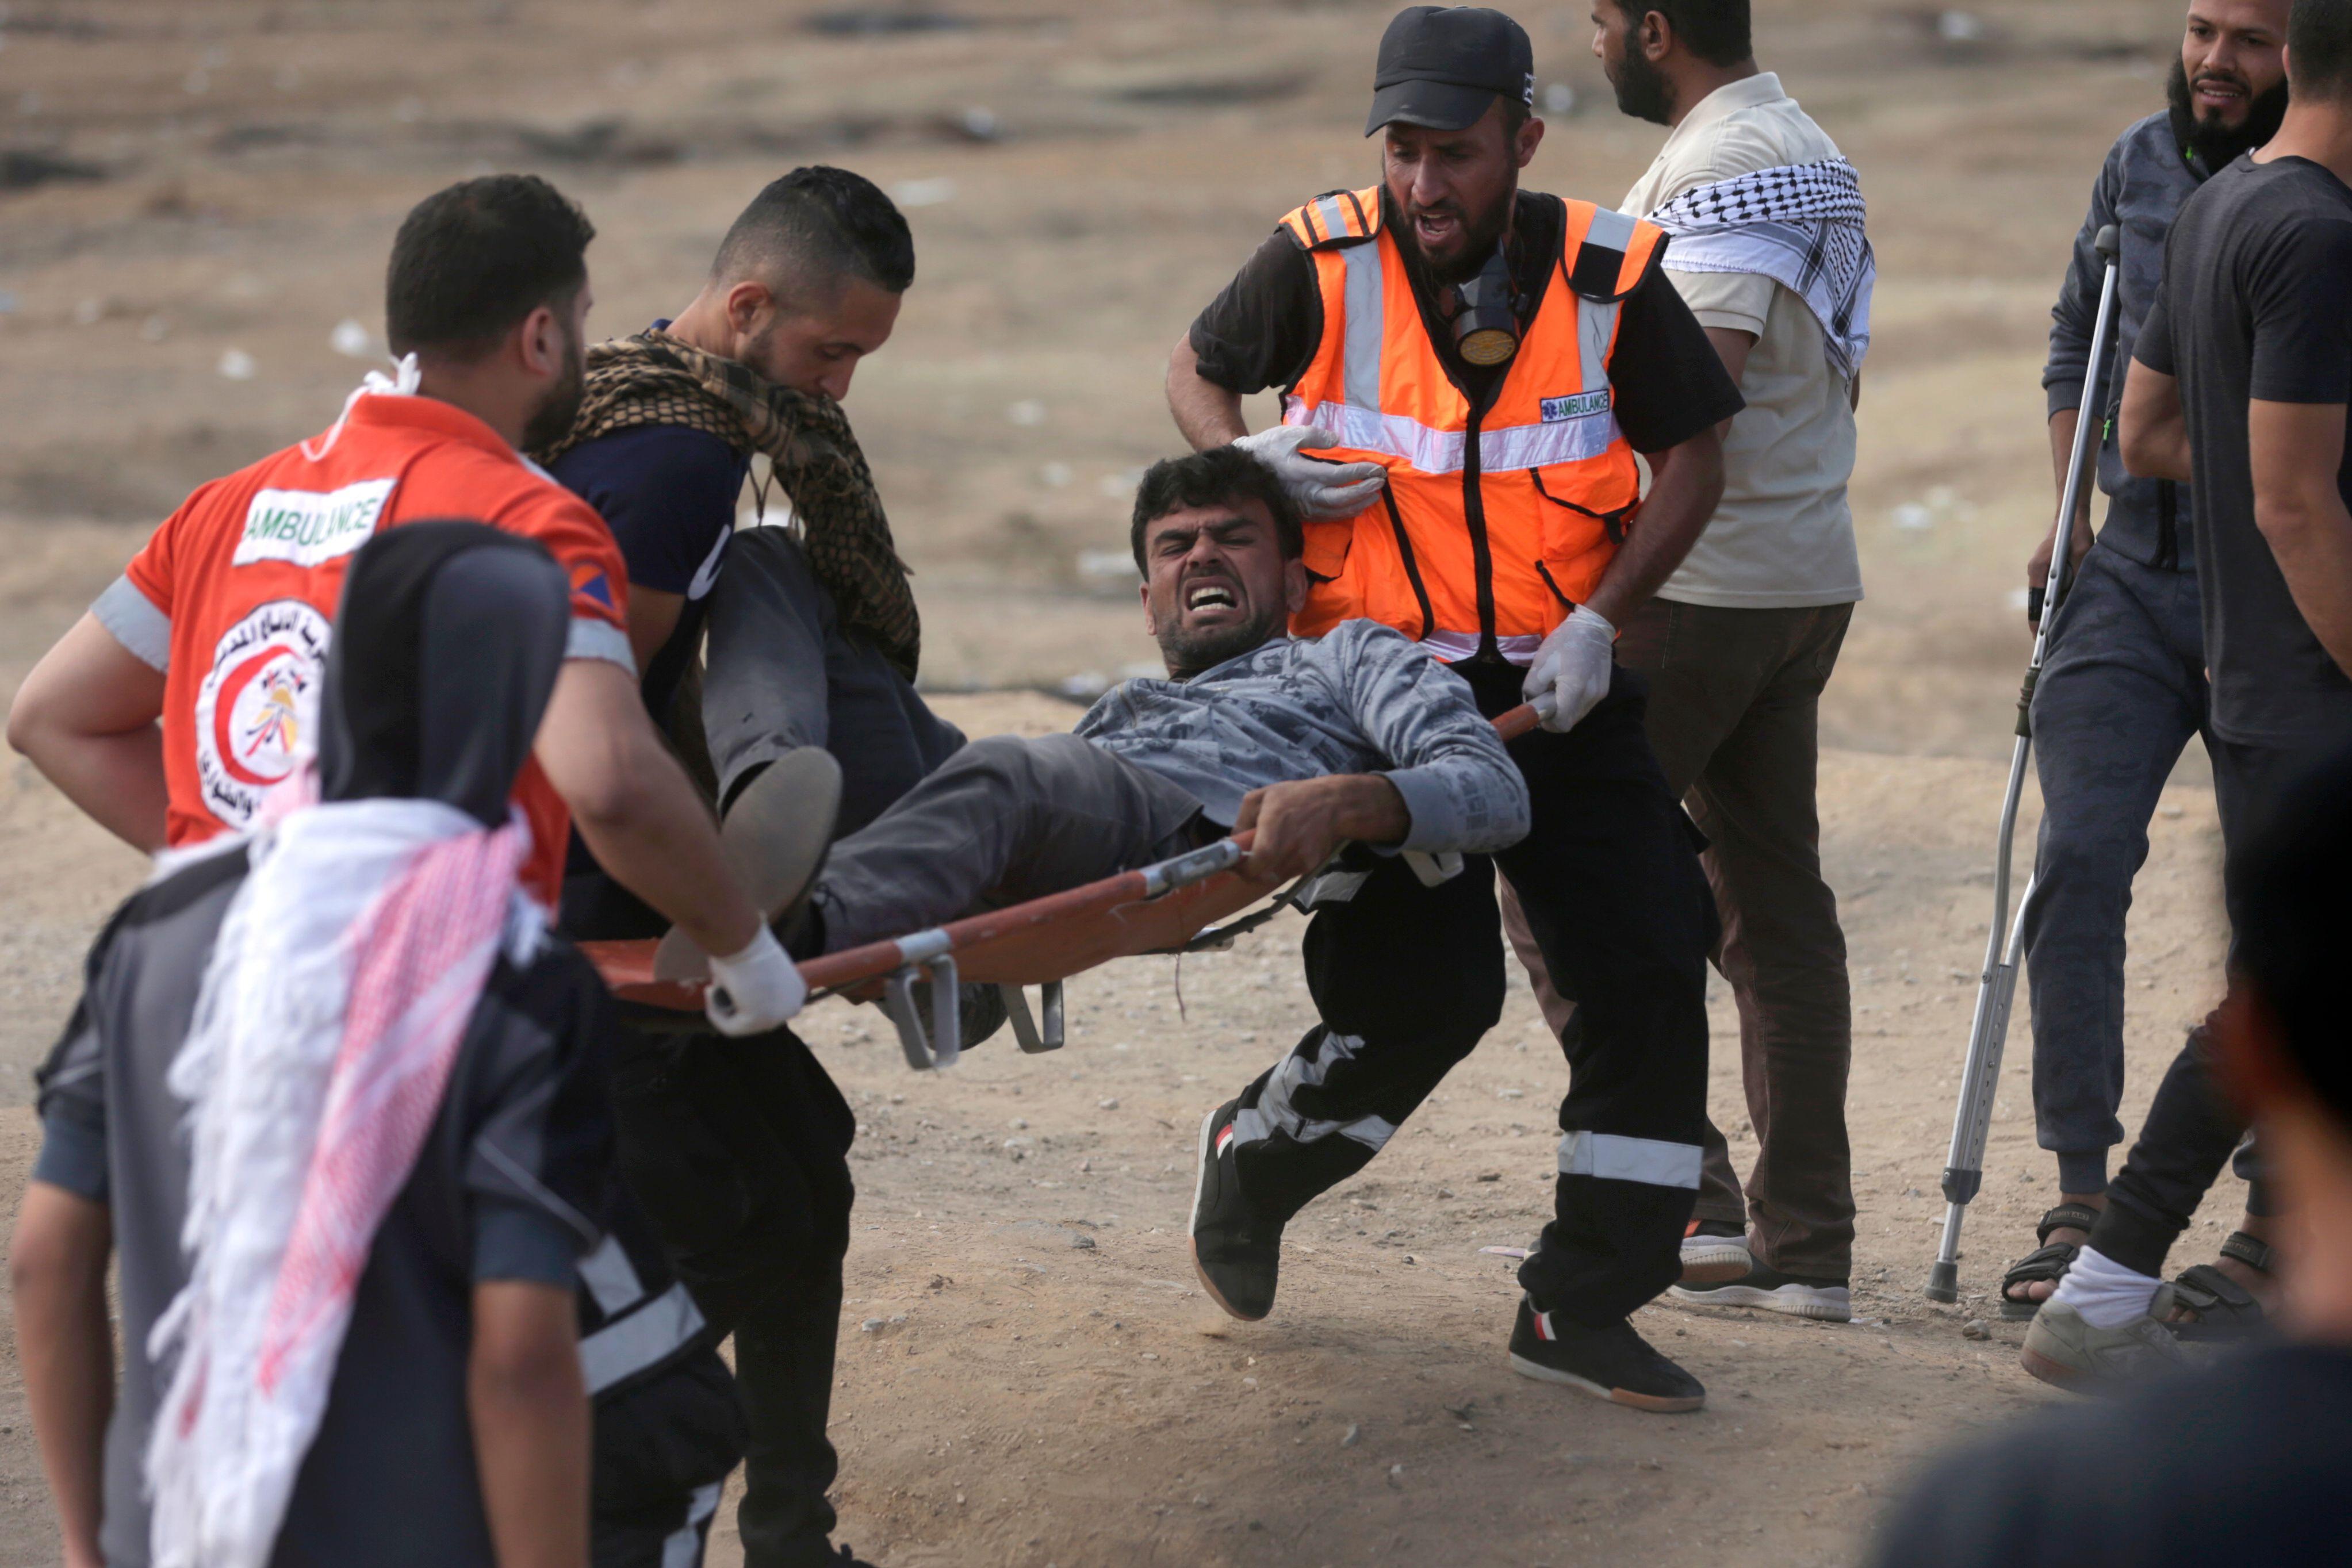 نقل مصاب فلسطينى فى مواجهات مع قوات الاحتلال